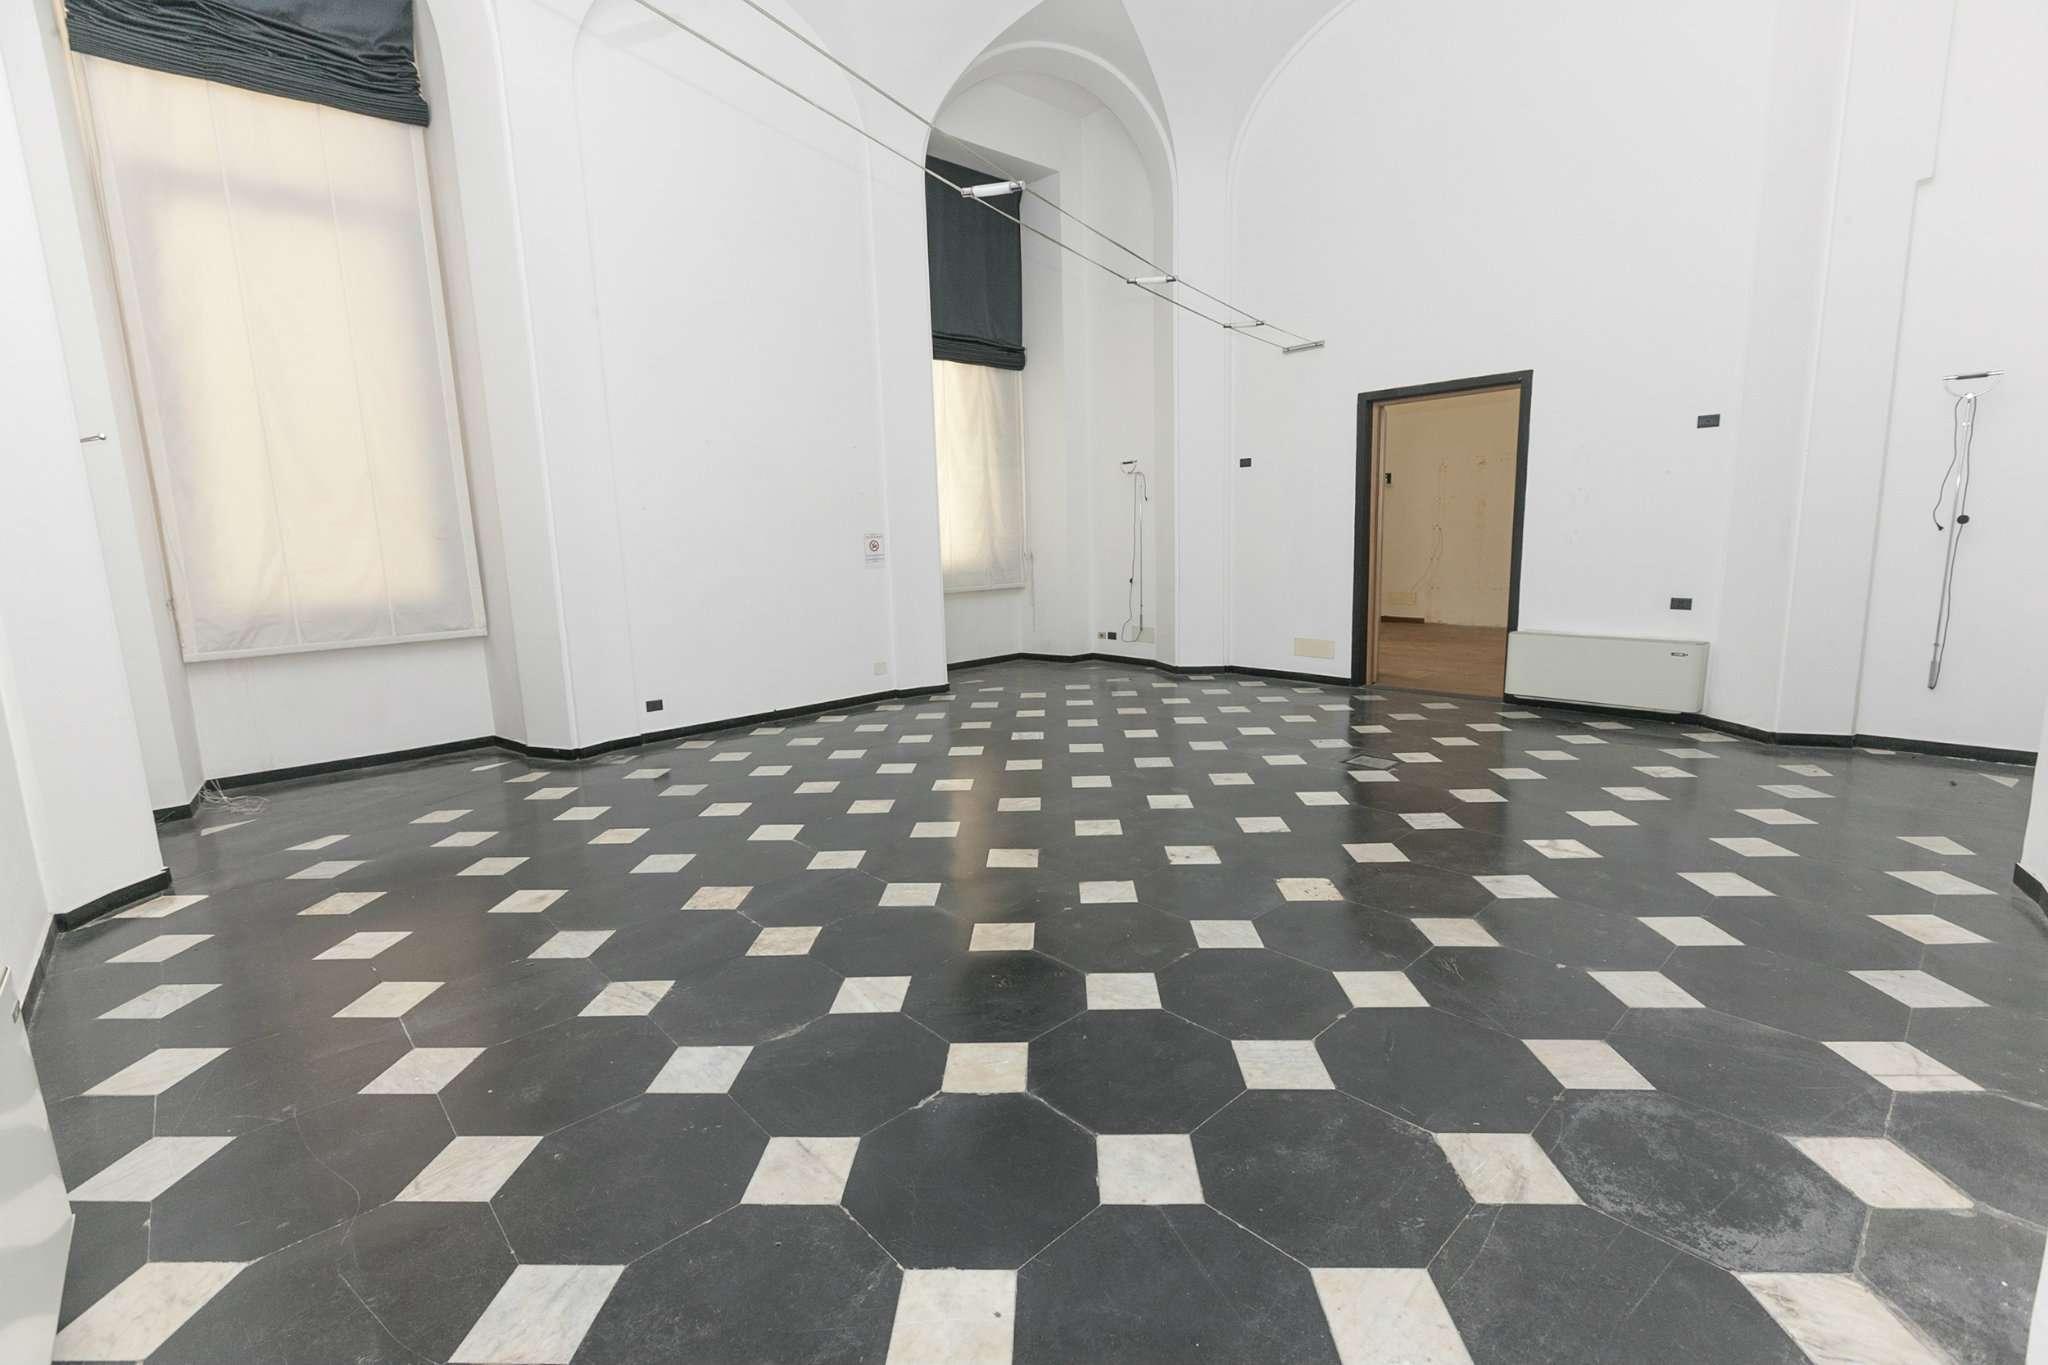 Foto 13 di Loft piazza san marcellino 2, Genova (zona Centro, Centro Storico)